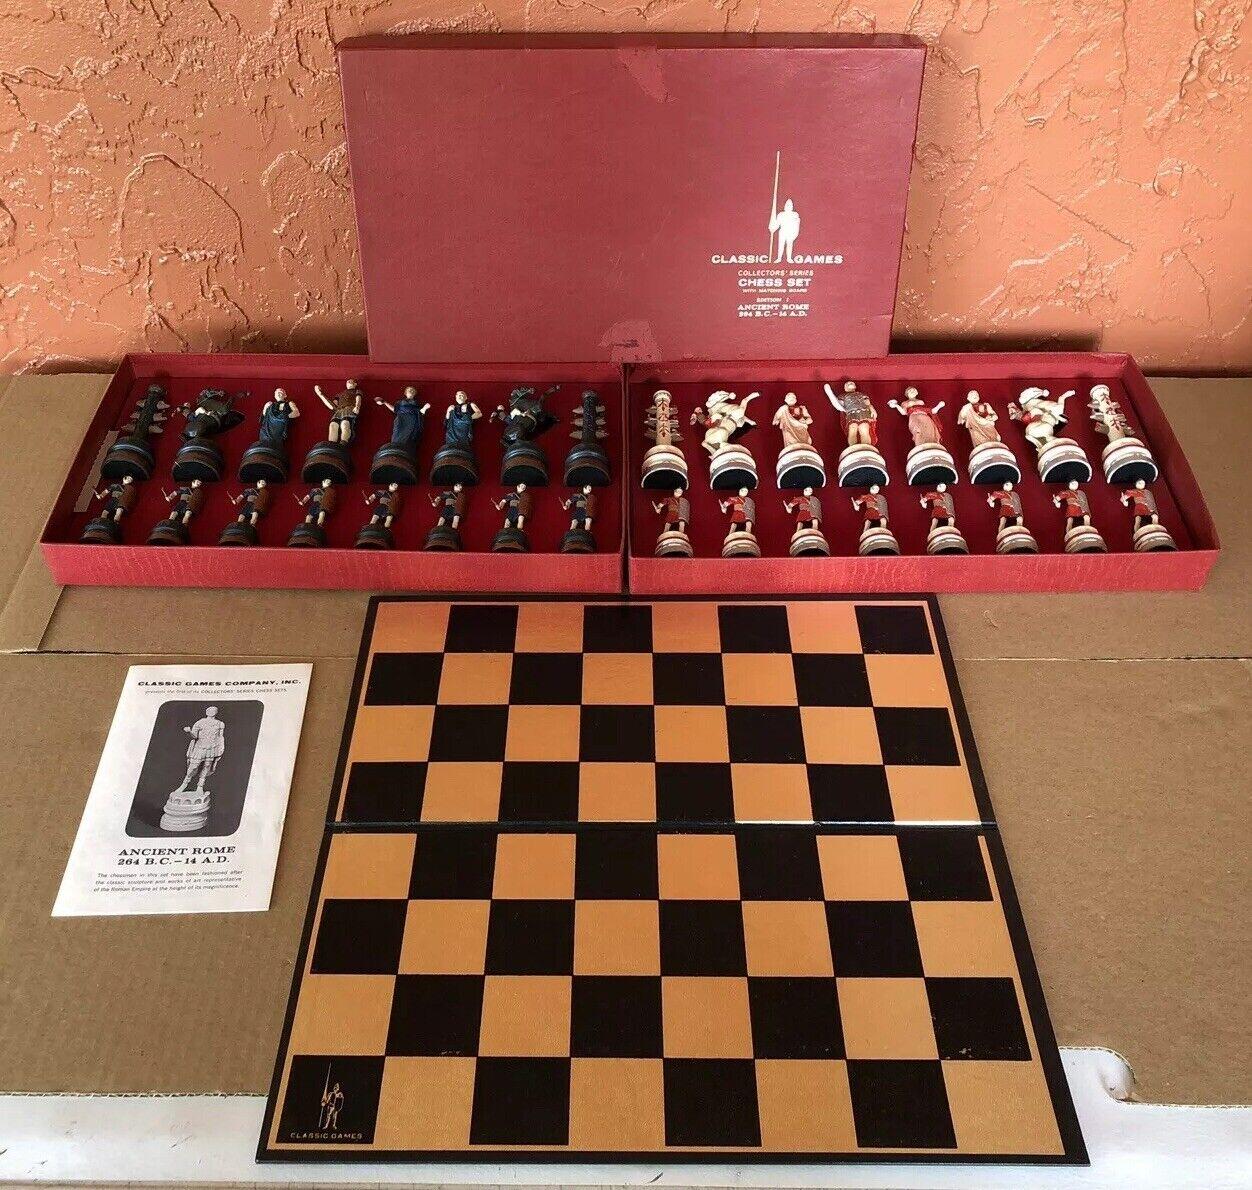 Videojuegos clásicos coleccionistas serie de tableros de ajedrez antiguos romanos primera edición